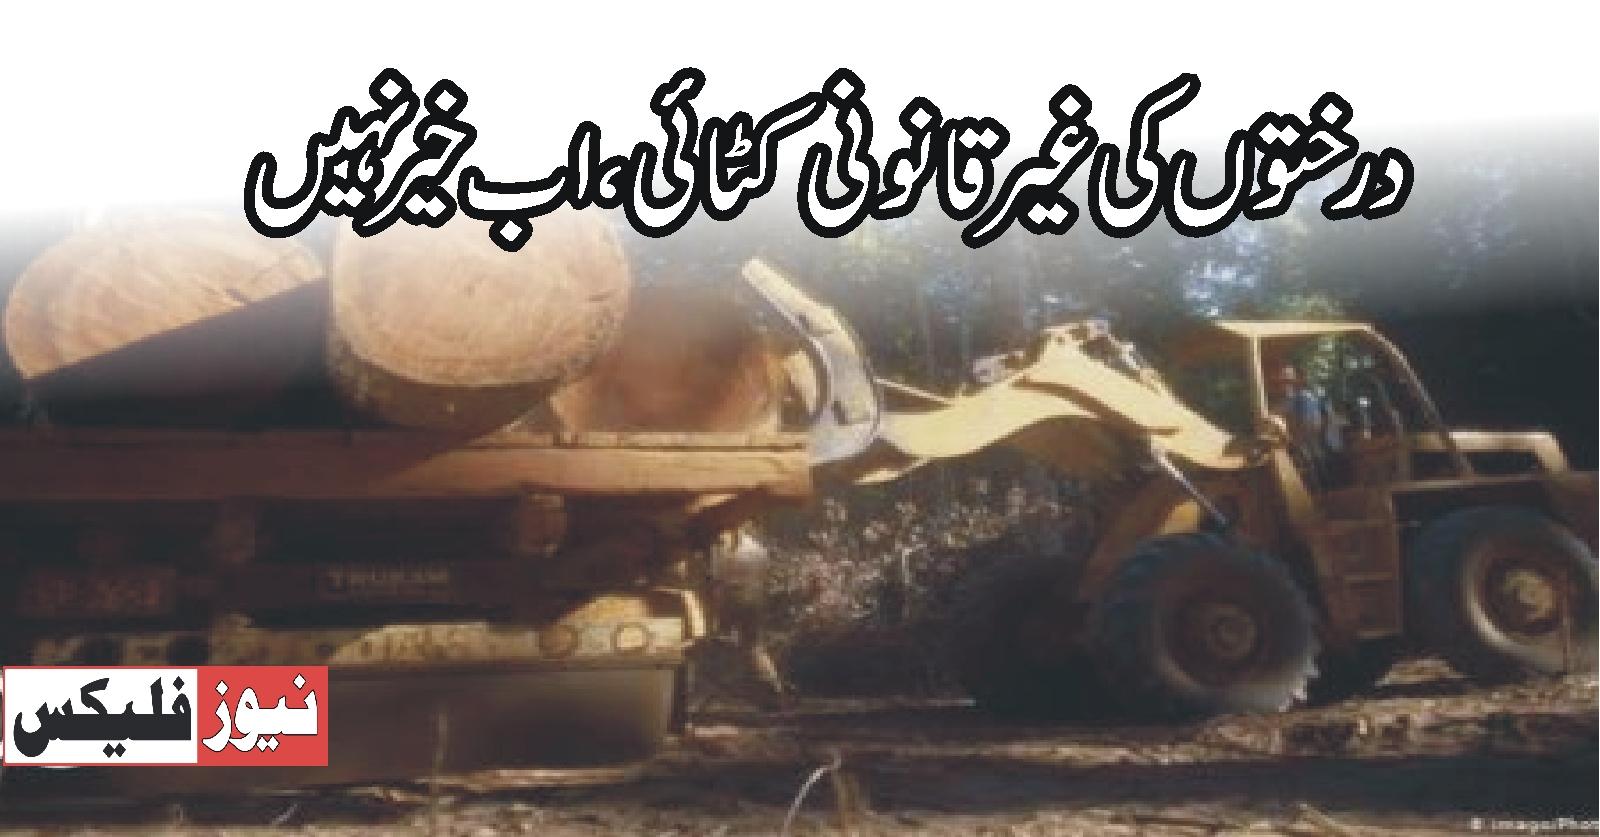 سانگھڑ غیر قانونی درخت کٹائی پر قانونی کارروائی ہوگی ڈی سی سانگھڑ عمران الحسن خواجہ